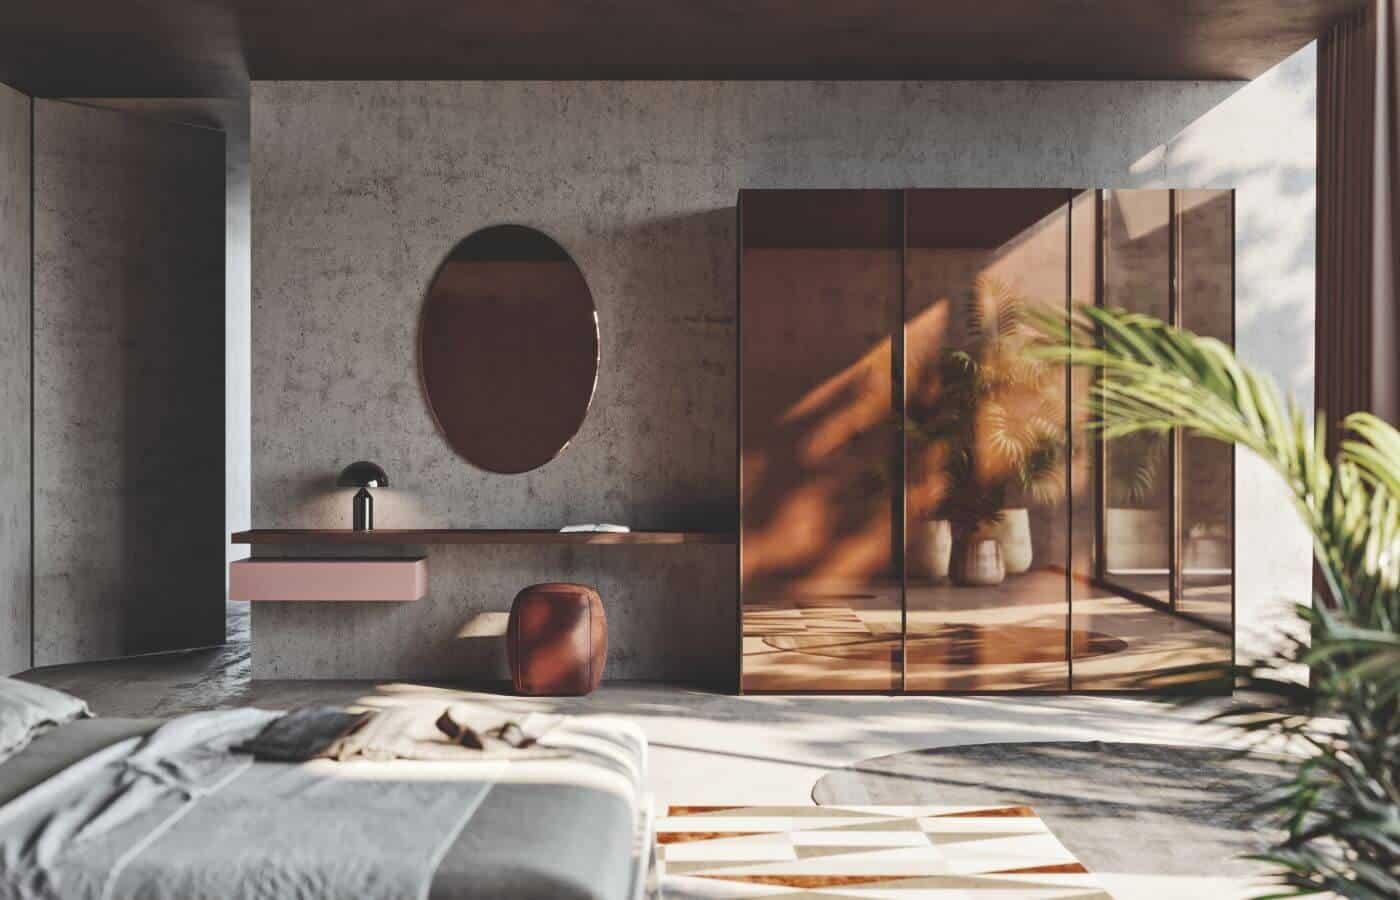 armadi-scorrevoli-collezione-windows-il-mobile (2)